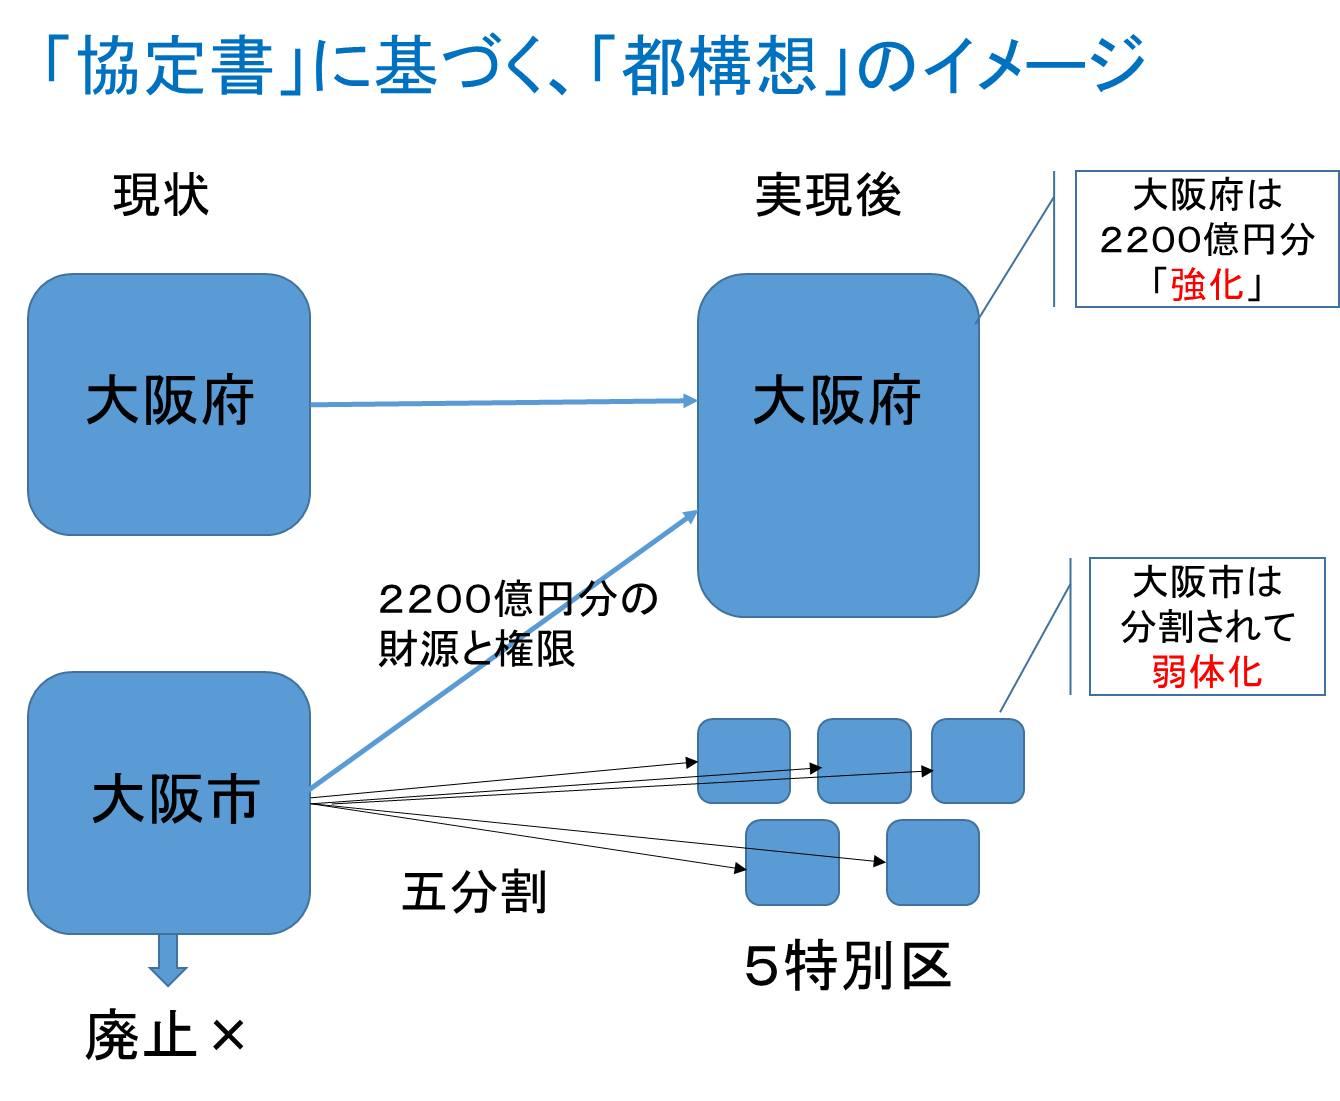 「協定書」に基づく、「都構想」のイメージ